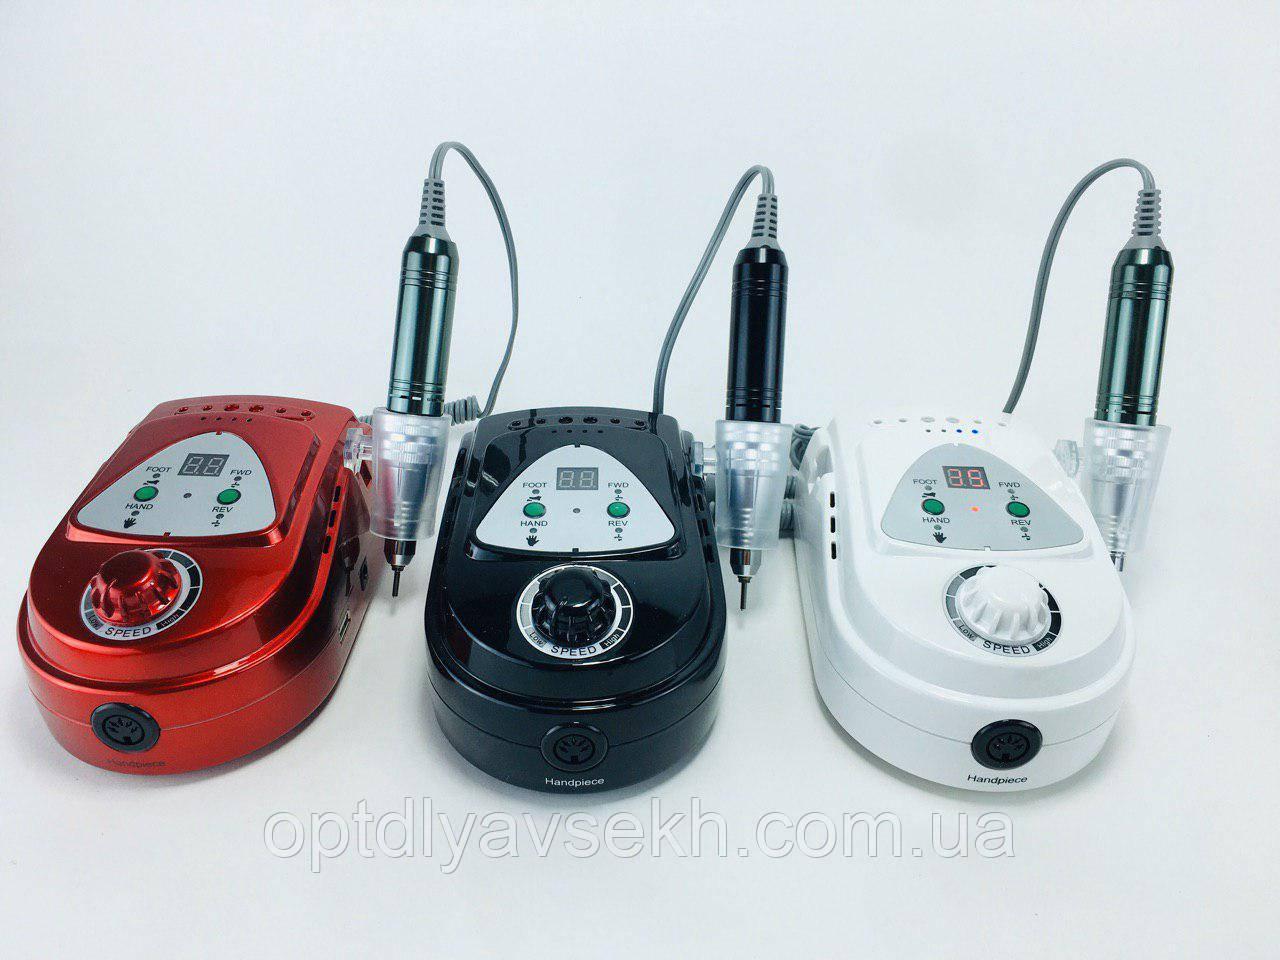 Професійний фрезер для манікюру і педикюру ZS-219 на 45 Вт-35000 об/хв.(НА АКУМУЛЯТОРІ)+ ручка і педаль